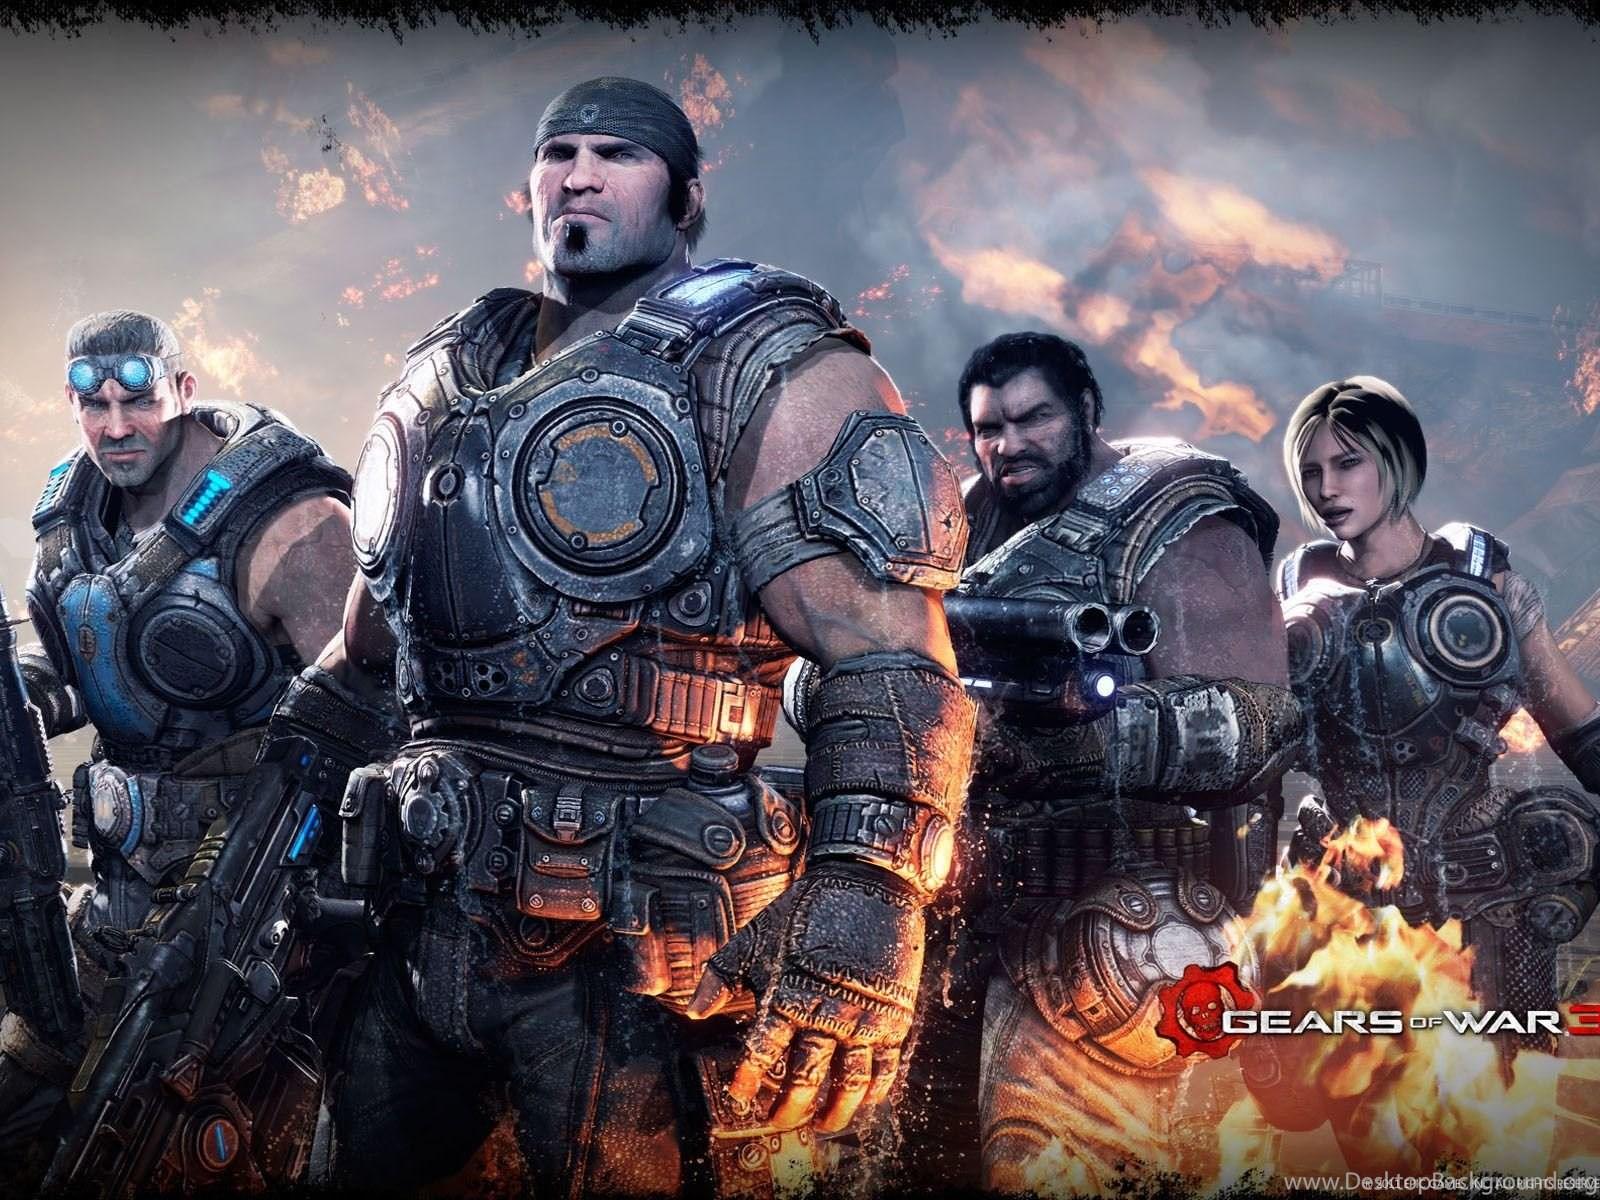 Gears Of War 3 Wallpapers Hd Wallpapers Cave Desktop Background